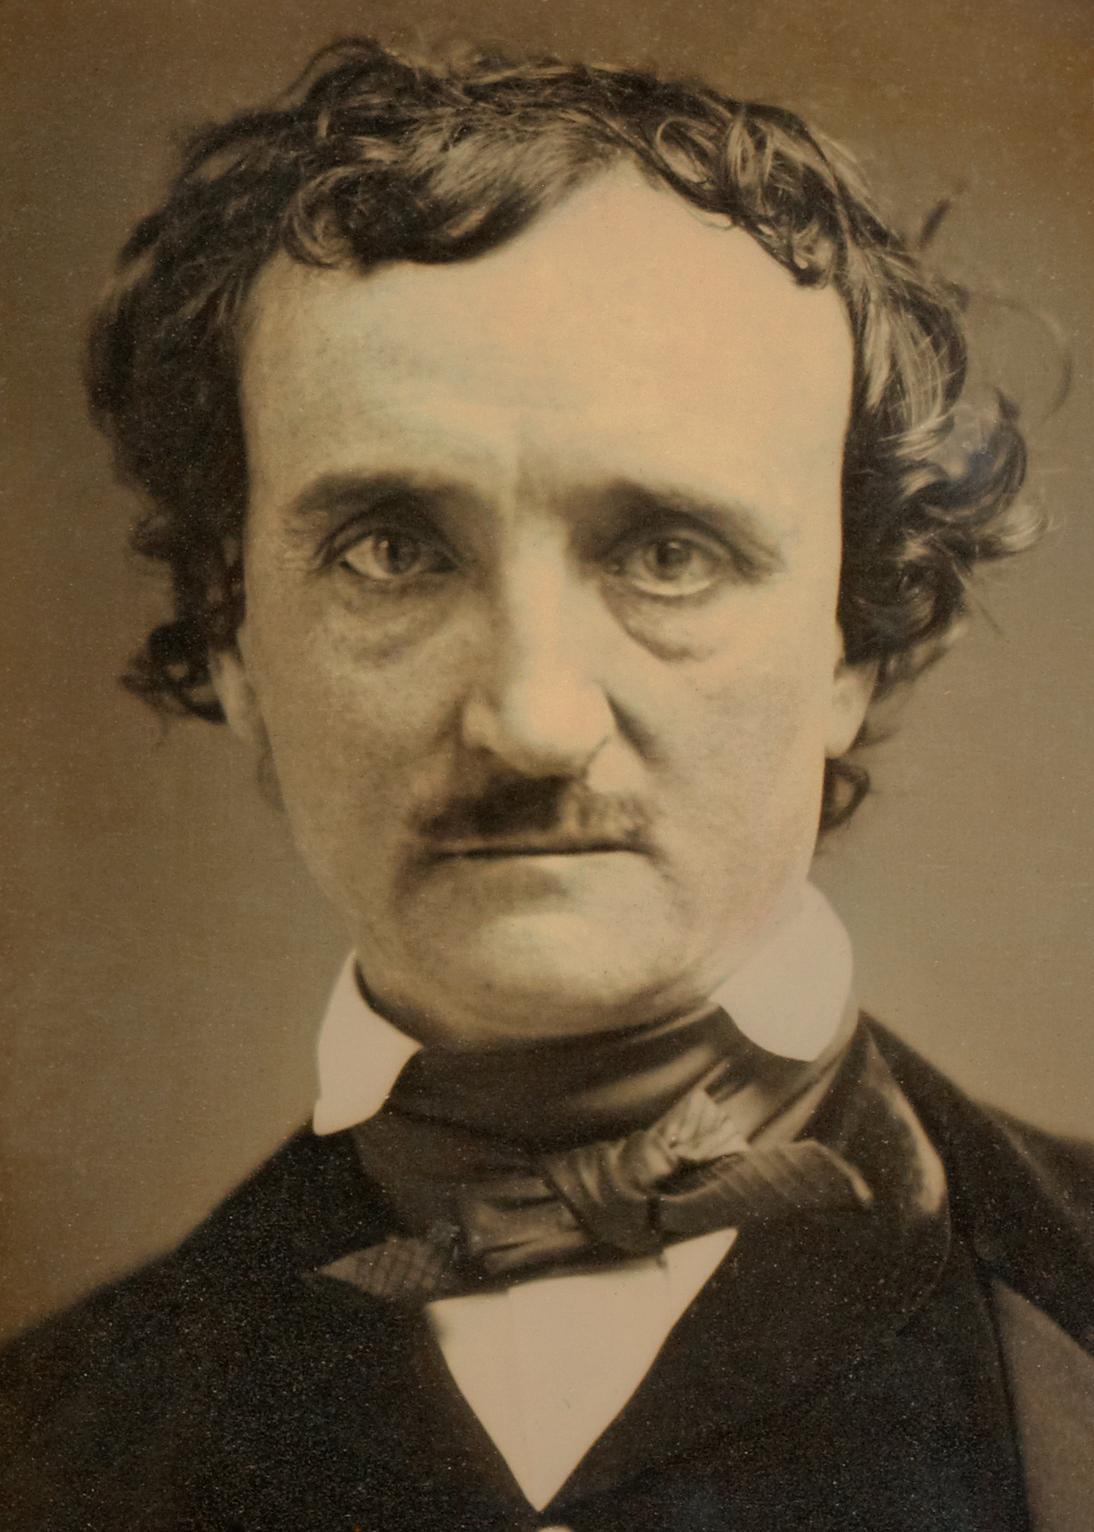 Zakladatel hororu, americký spisovatel Edgar Allan Poe se utápí v depresích.